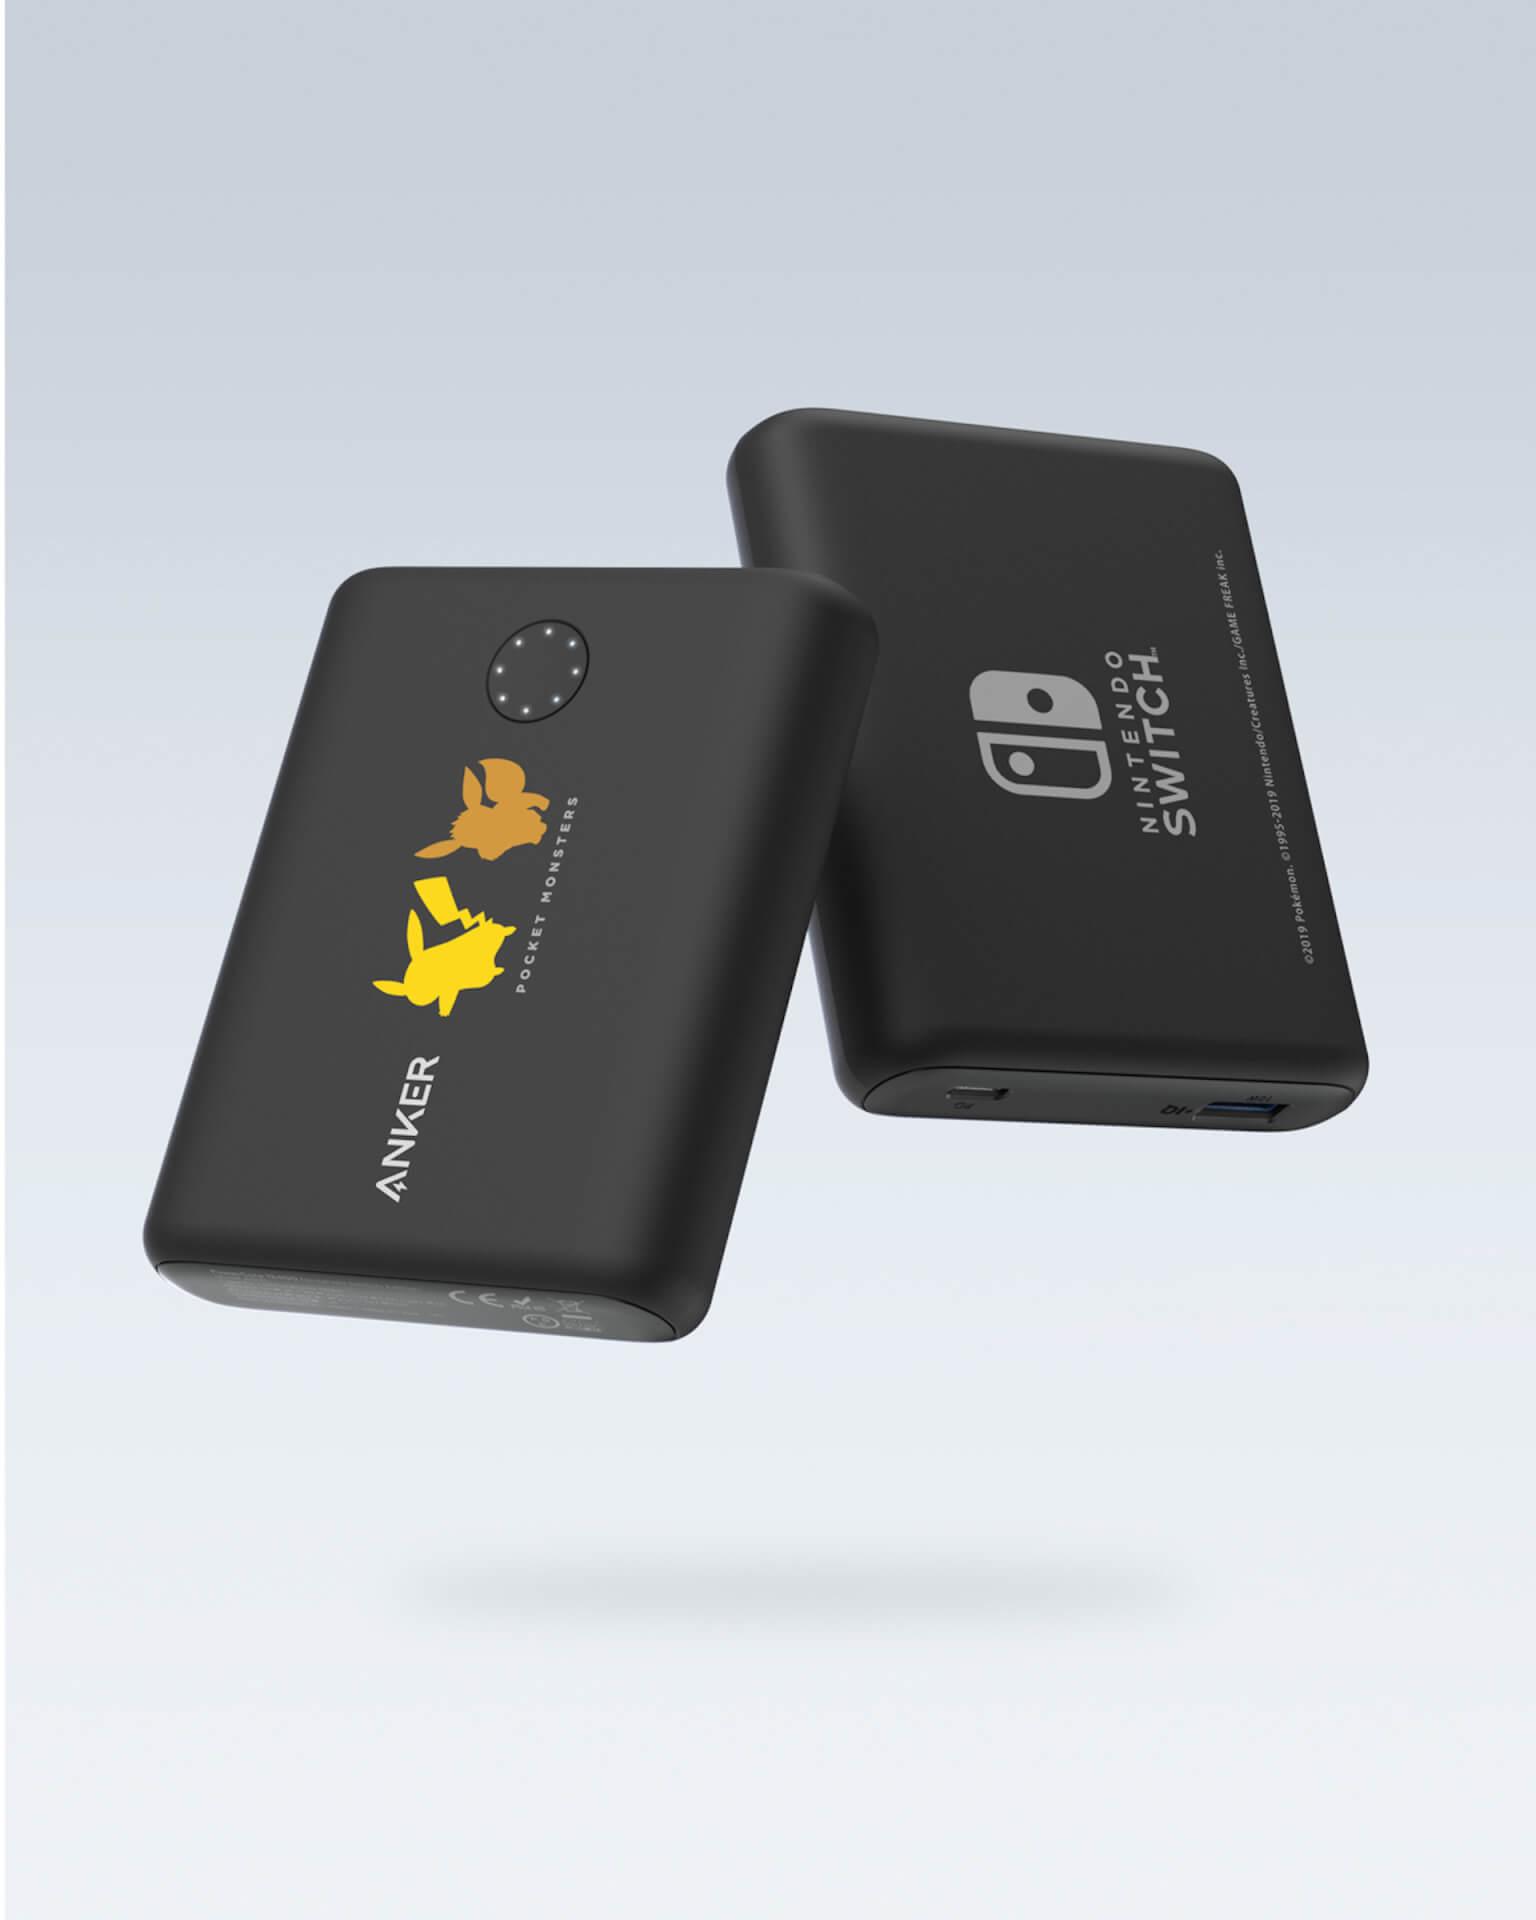 ポケモンがAnker充電器に!Nintendo Switch対応の大容量バッテリー「Anker PowerCore 13400 Pokémon Limited Edition」が登場 tech_191114_ankerxpokemon_3